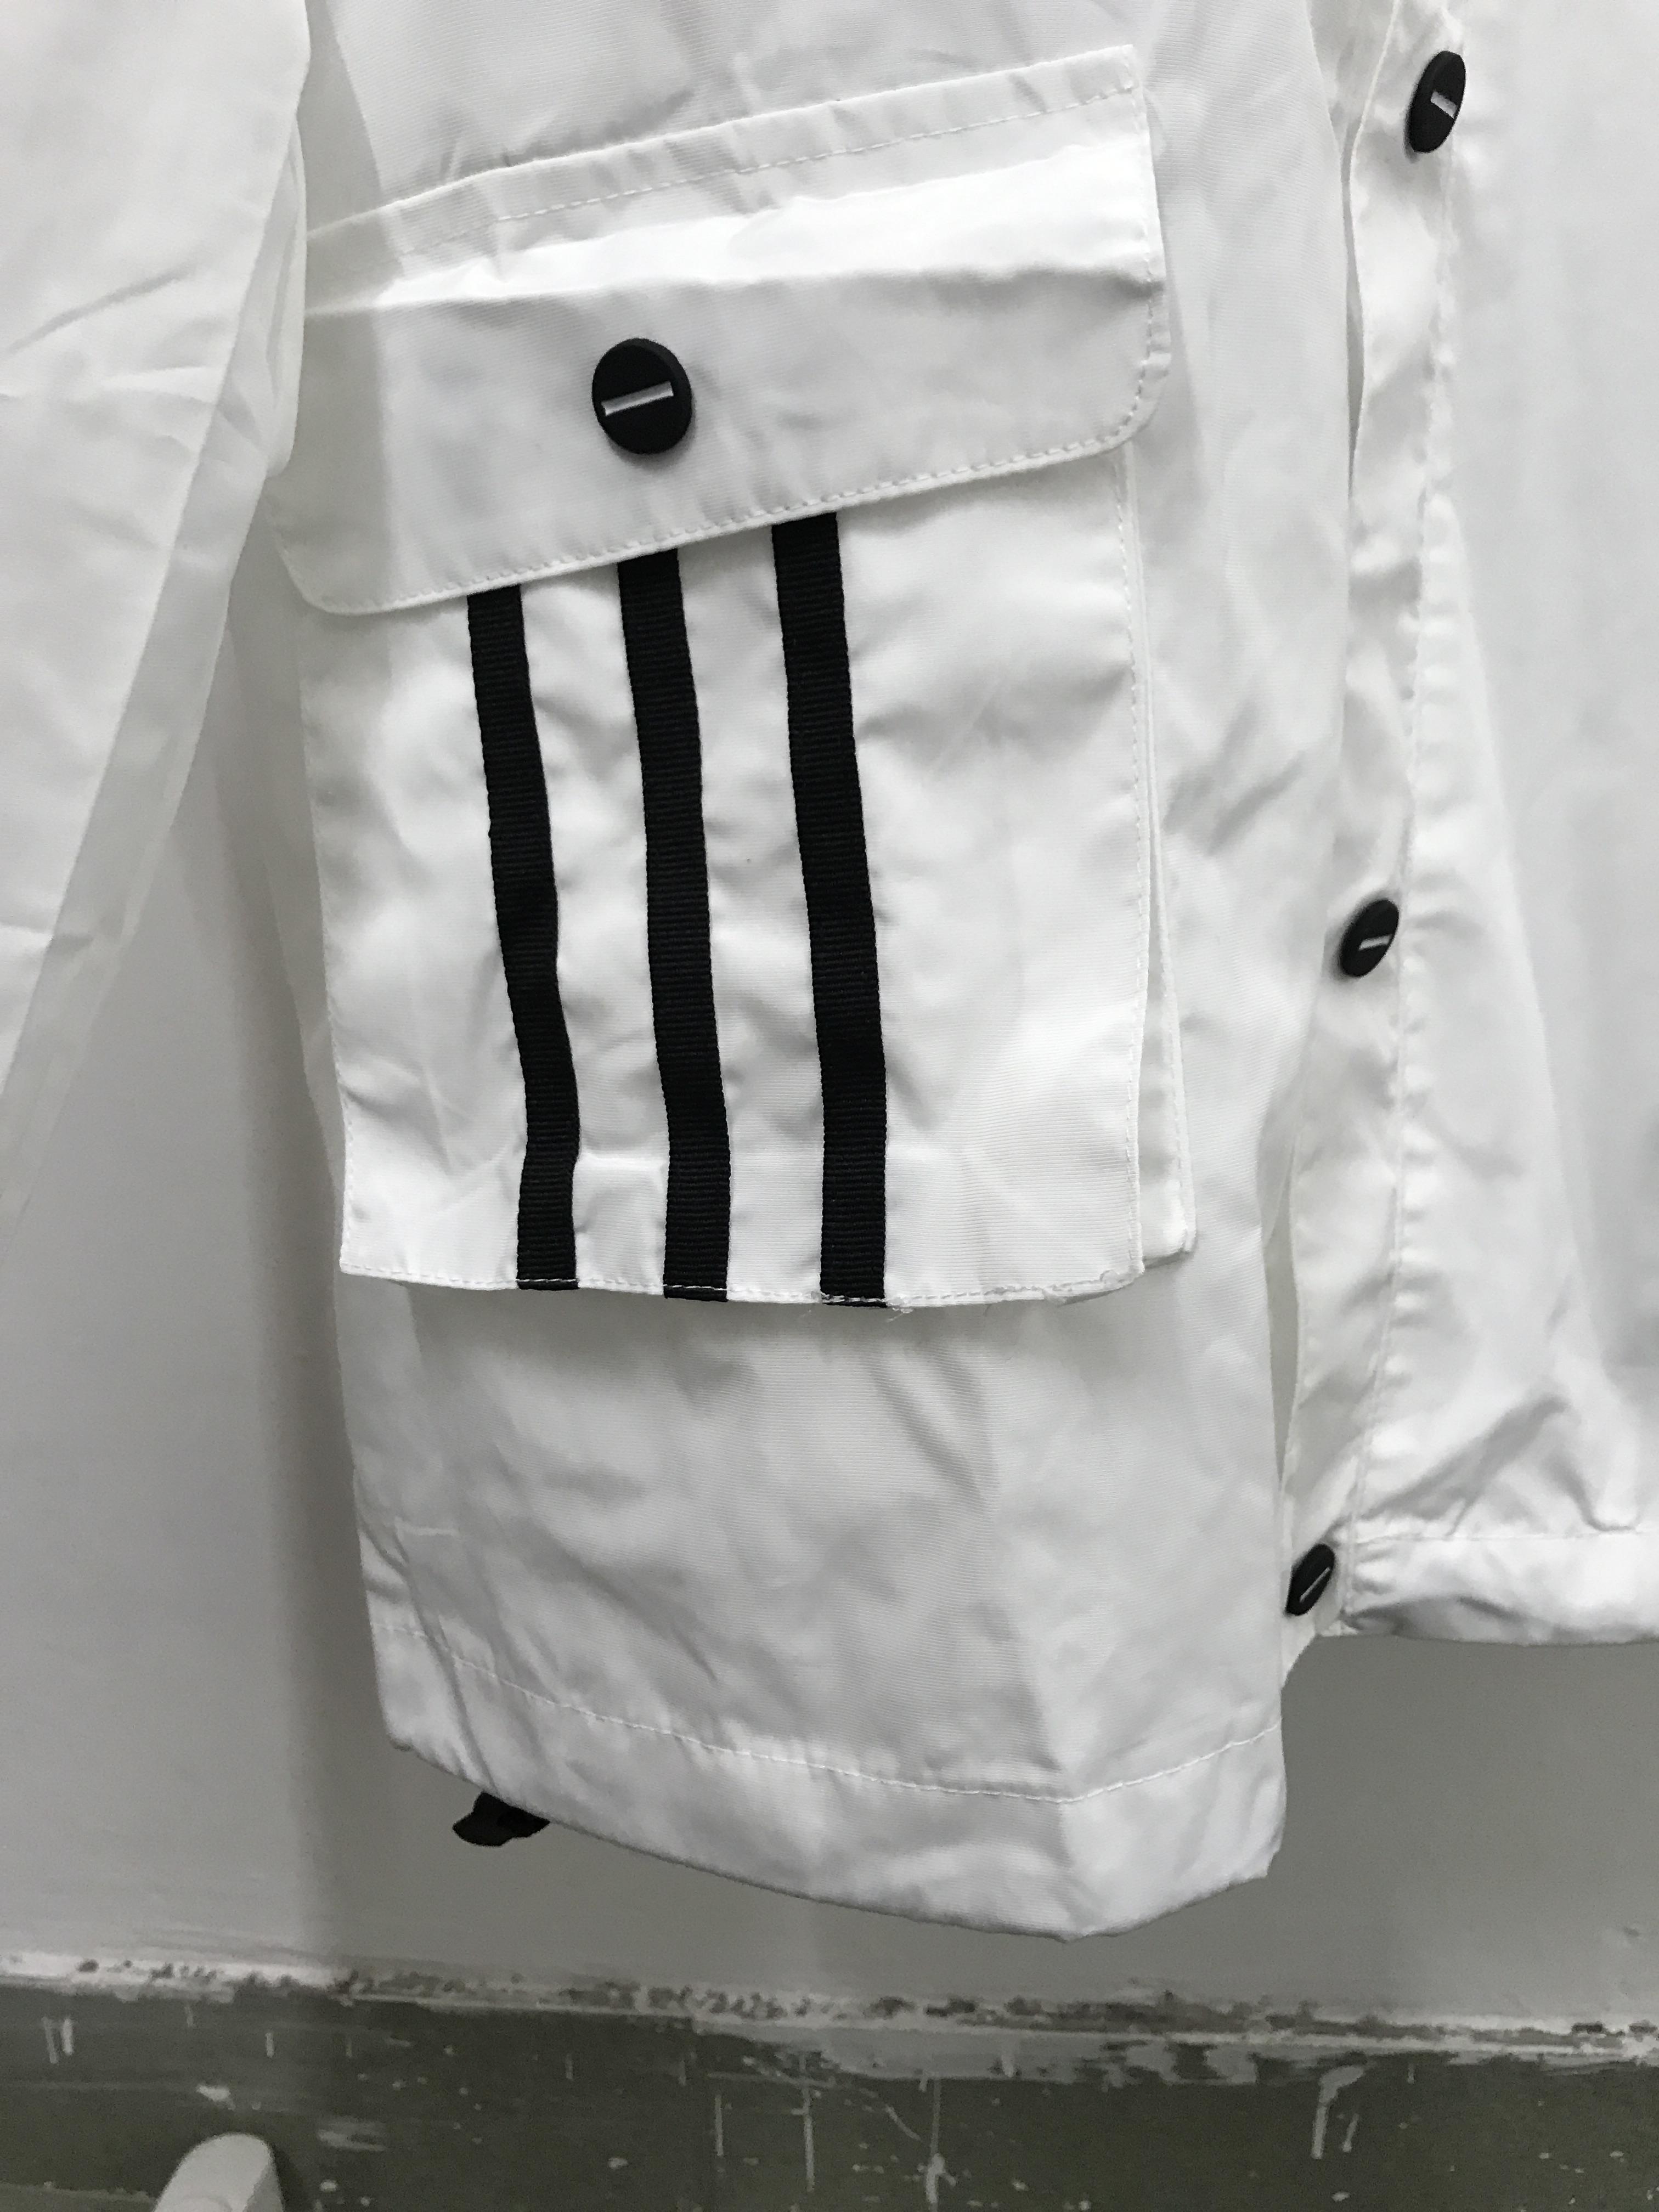 TB20XVapgNlpuFjy0FfXXX3CpXa !!2961397881 - Jacket Windbreaker Outwear Coat PTC 32